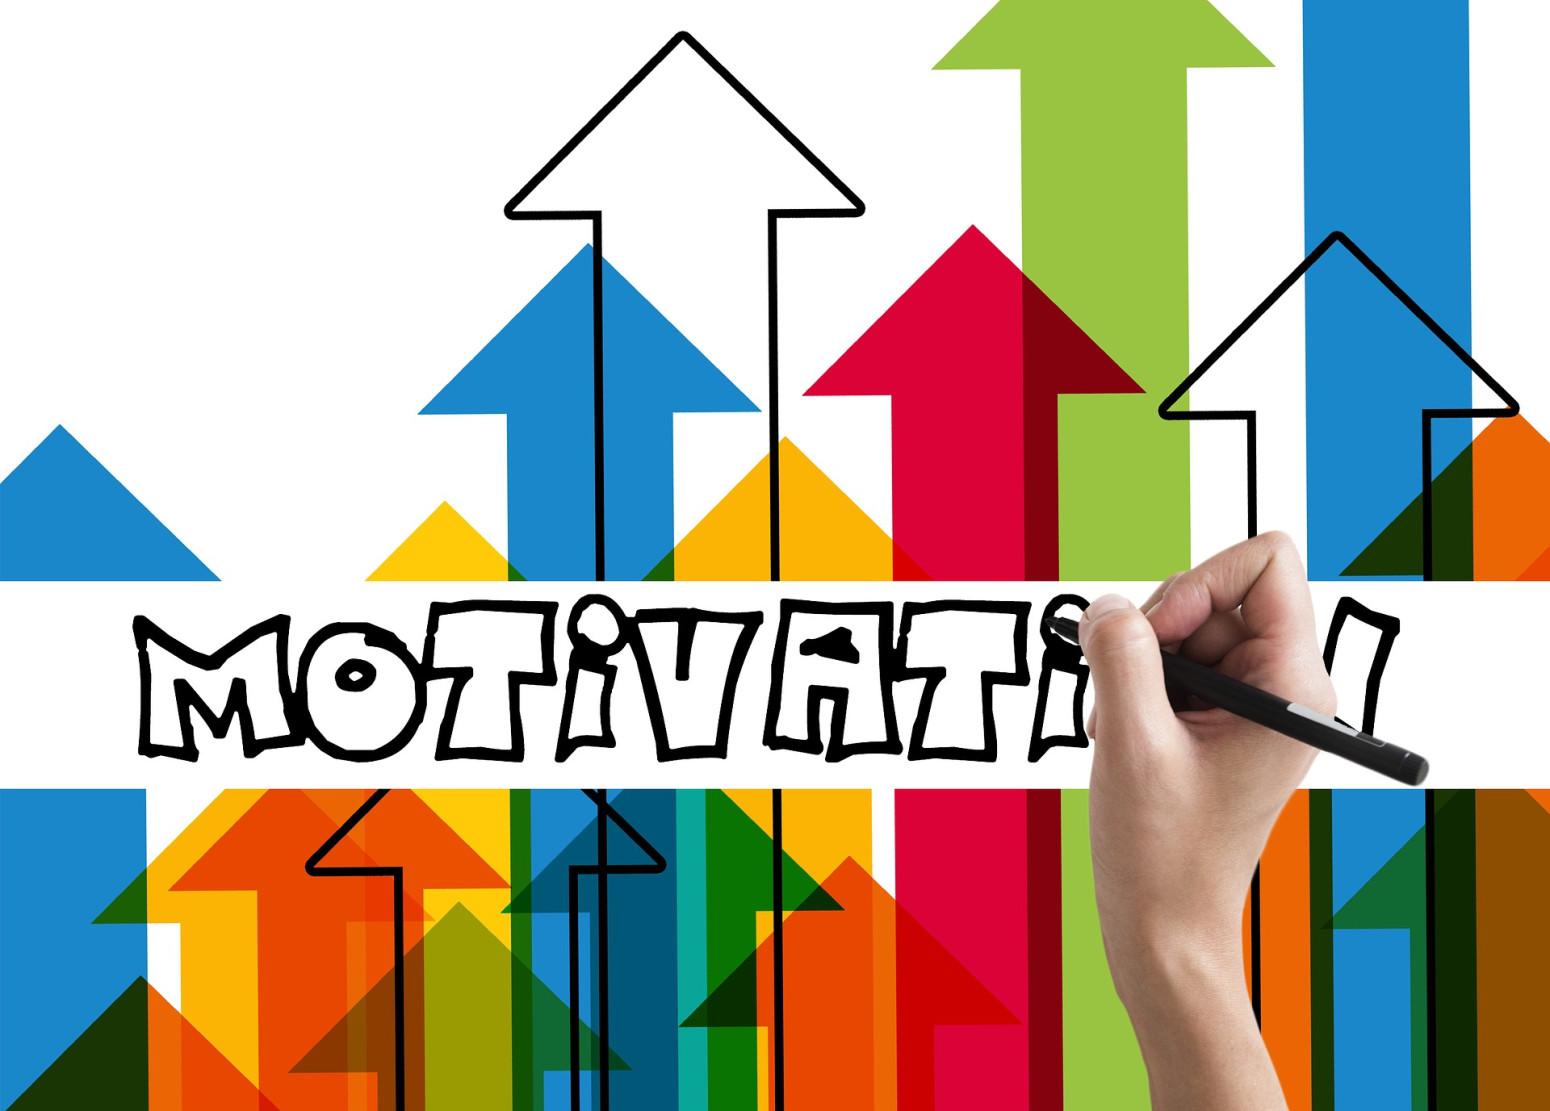 motivation-3233650_1920_pixabay_geralt